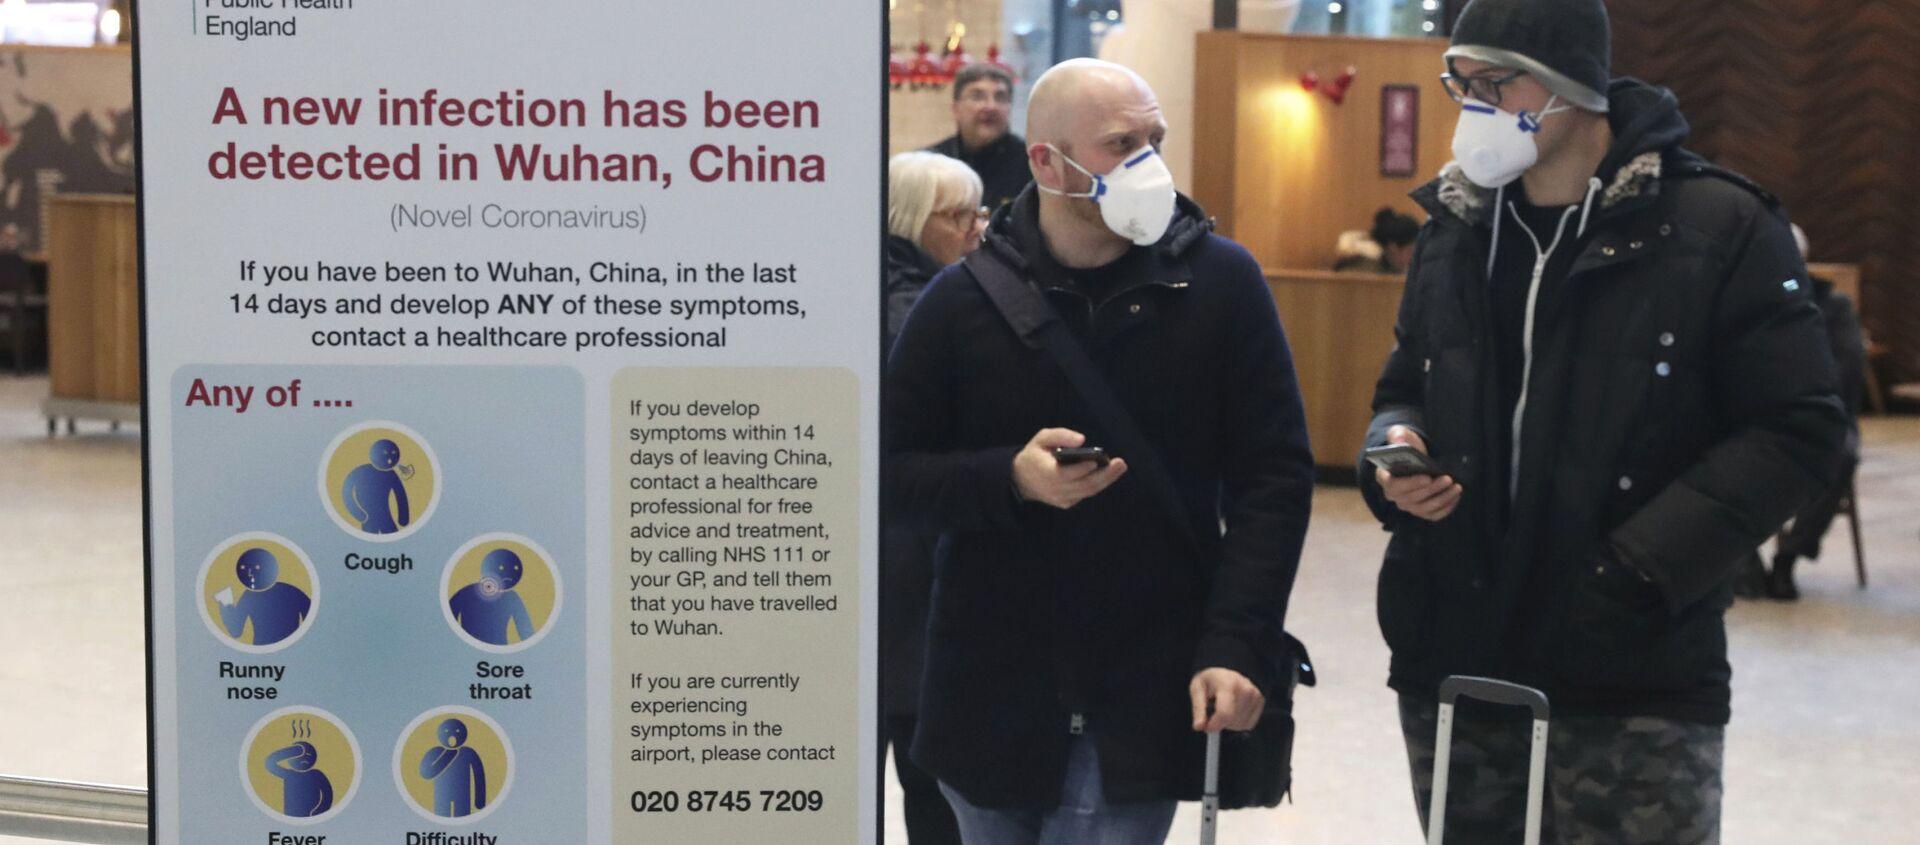 Pasażerowie w maskach ochronnych na lotnisku Heathrow w Londynie - Sputnik Polska, 1920, 25.02.2021